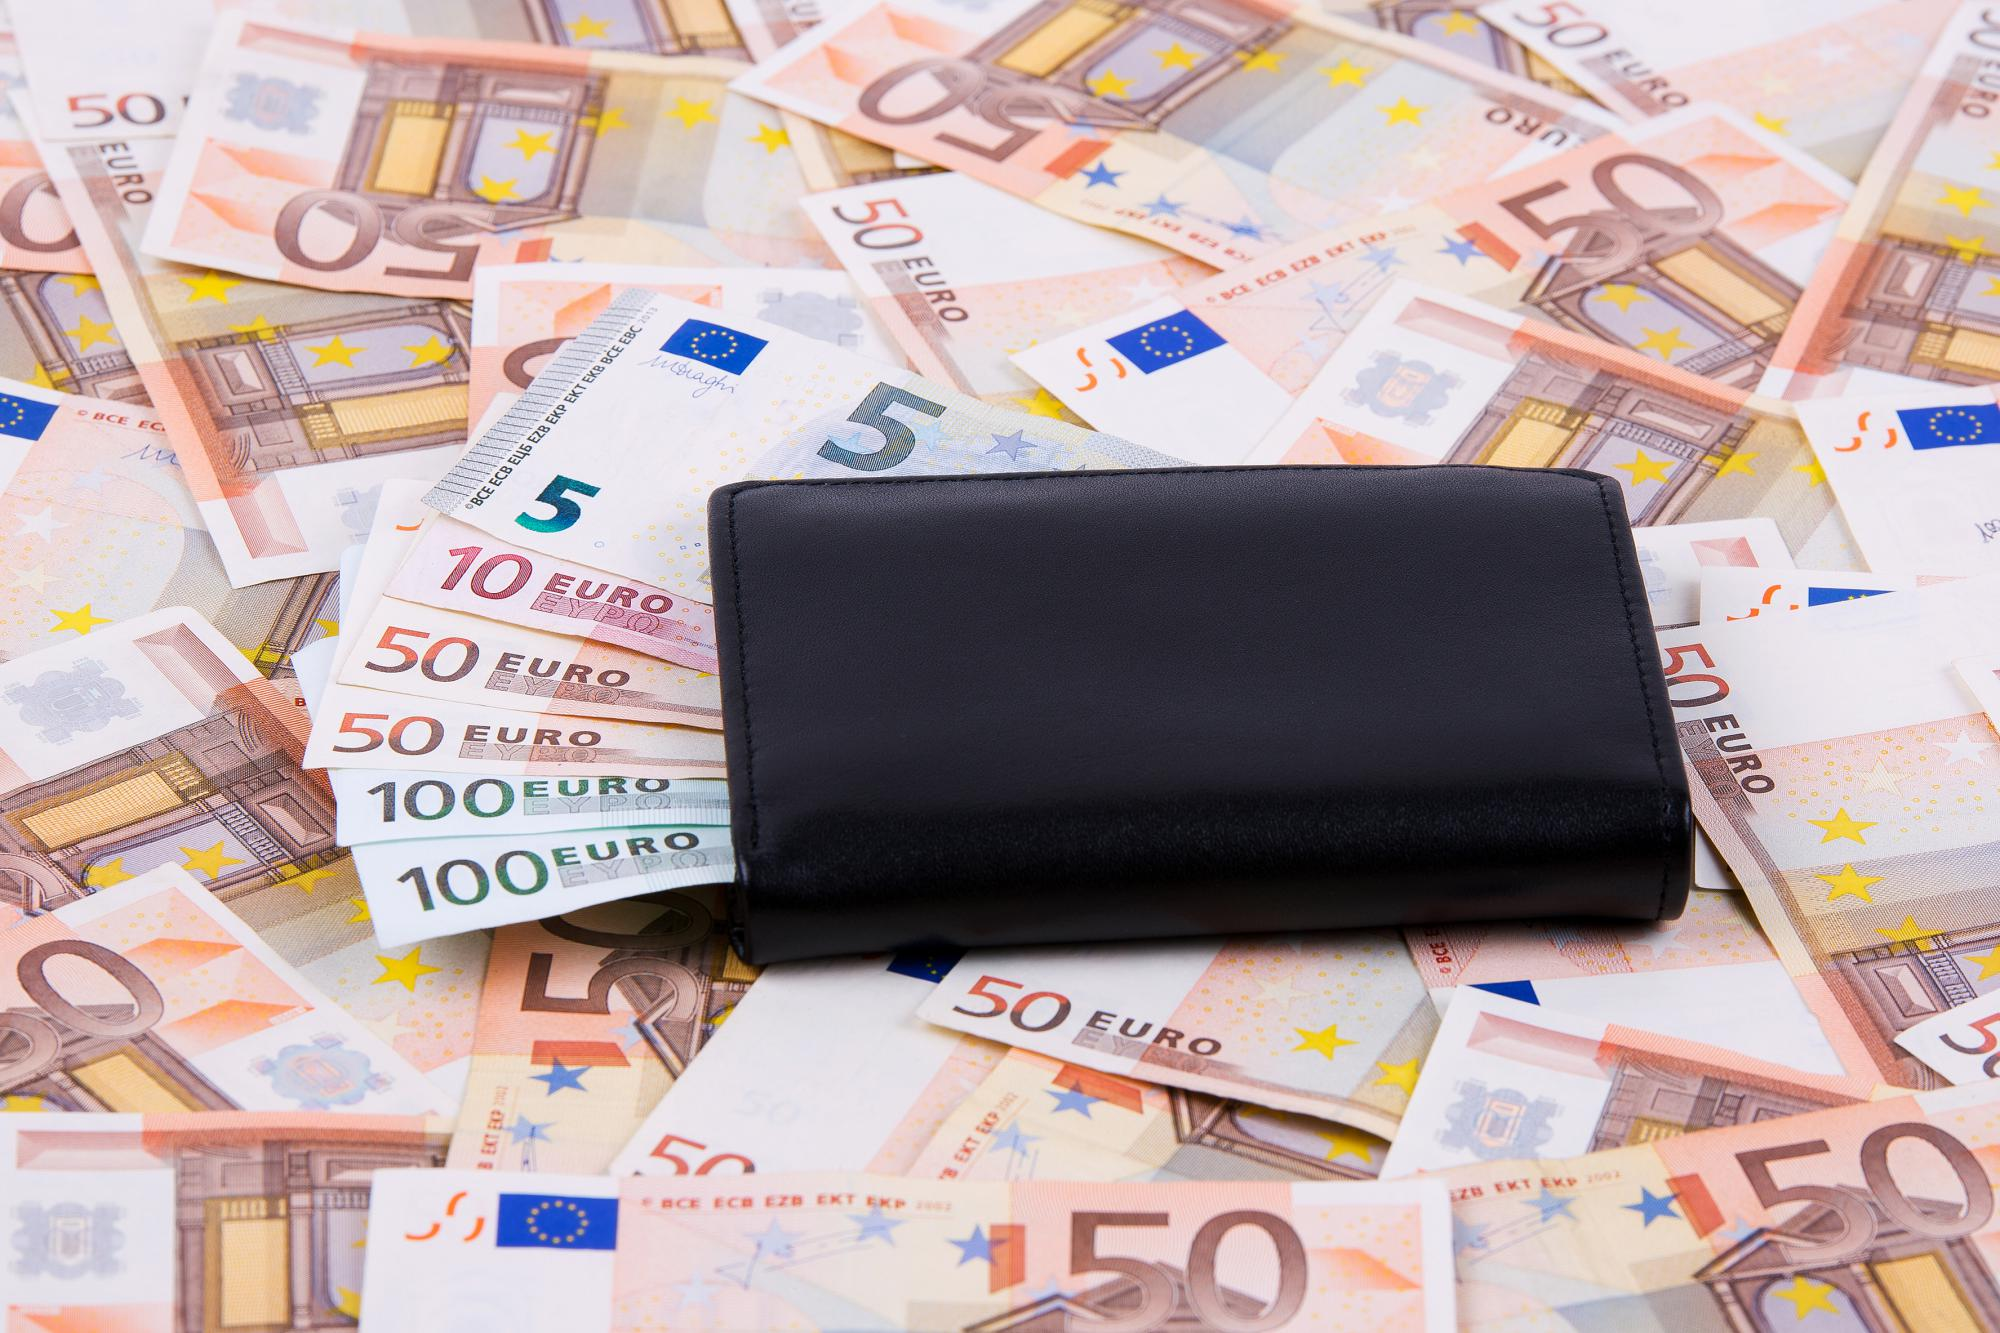 За несоблюдение валютного законодательства при расчетах по внешнеторговым контрактам предлагается ввести ответственность